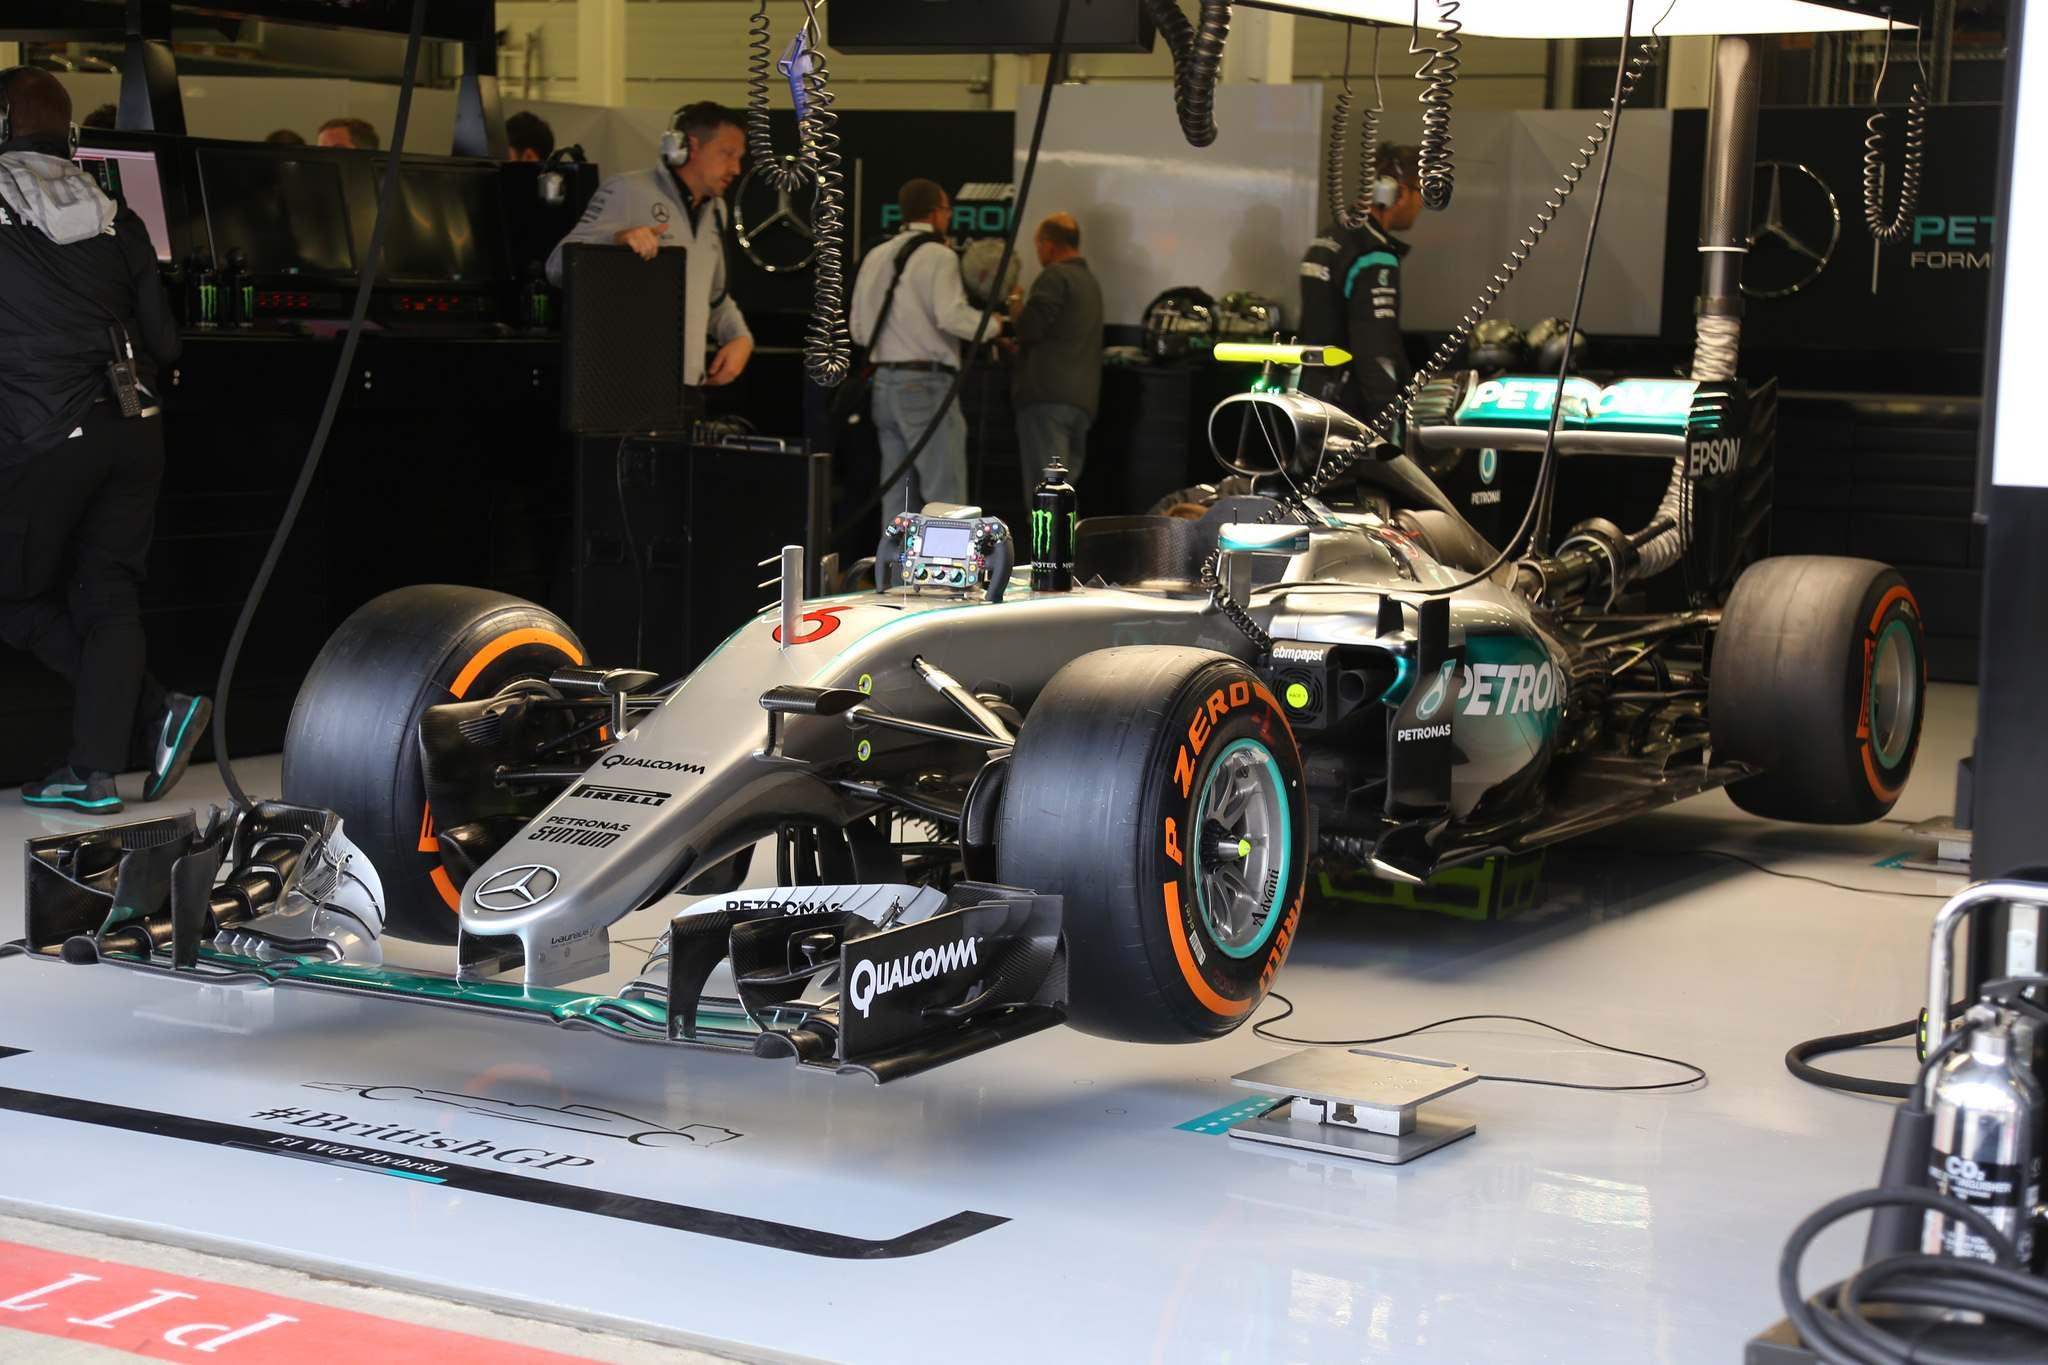 britishgp4 Formula 1   British GP 2016 in Silverstone